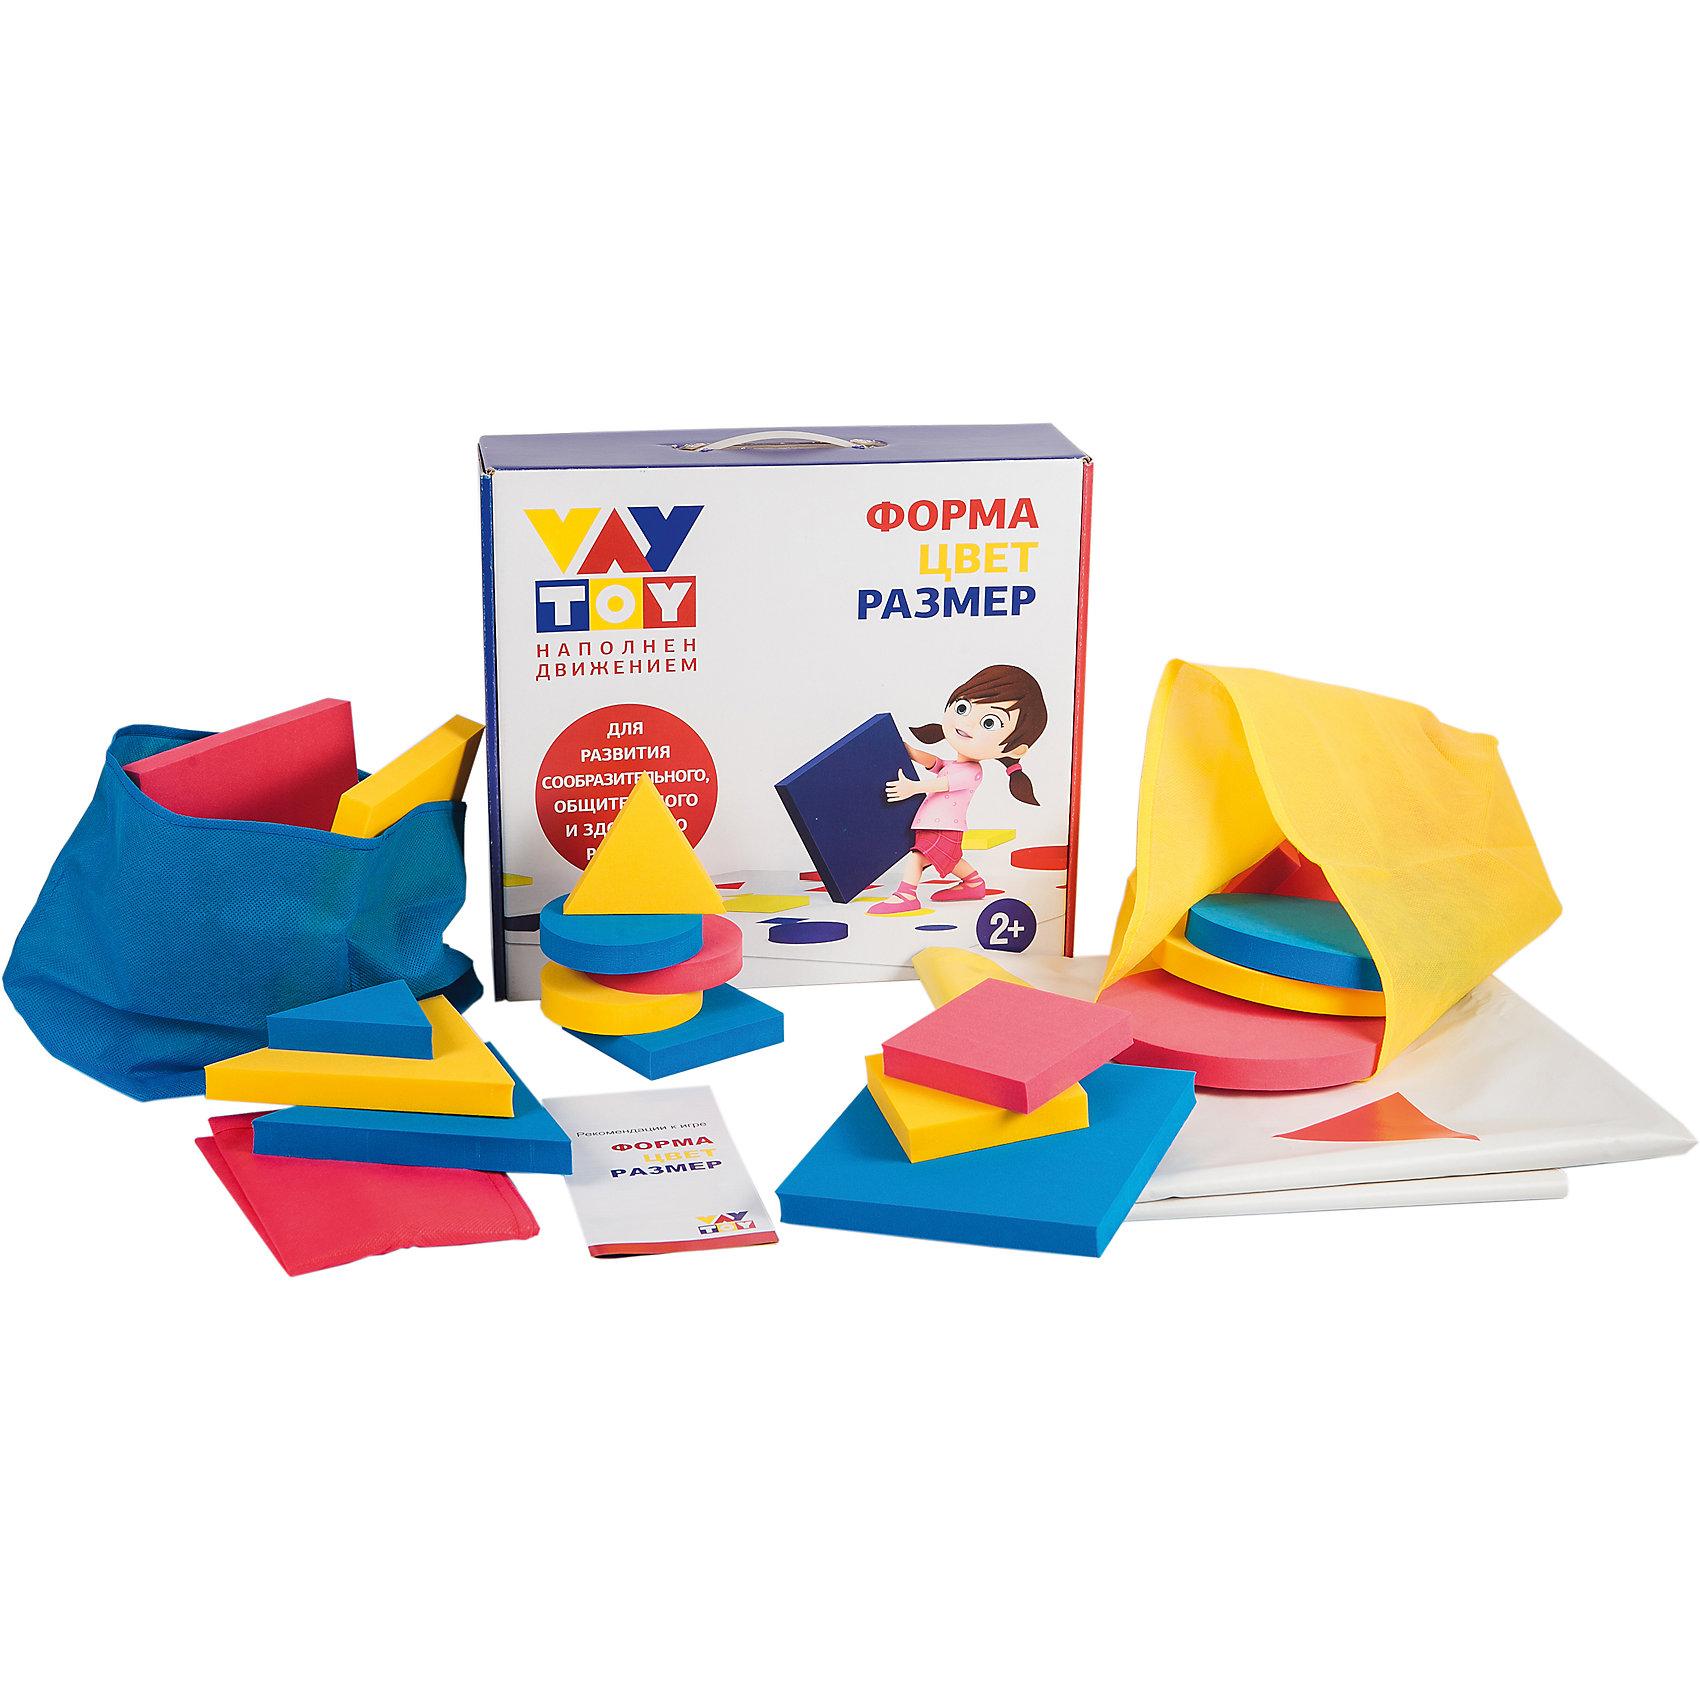 Развивающая игра Форма, цвет, размерУмница<br>Подвижная развивающая игра для знакомства с геометрическими фигурами, цветами и размерами. Этот комплект идеально подходит для активных малышей и способен увлечь сразу несколько детей. В занятиях используются большие, приятные на ощупь фигуры, с которыми предлагается множество интересных упражнений.<br><br>Ширина мм: 380<br>Глубина мм: 345<br>Высота мм: 950<br>Вес г: 1450<br>Возраст от месяцев: 36<br>Возраст до месяцев: 2147483647<br>Пол: Унисекс<br>Возраст: Детский<br>SKU: 5523188